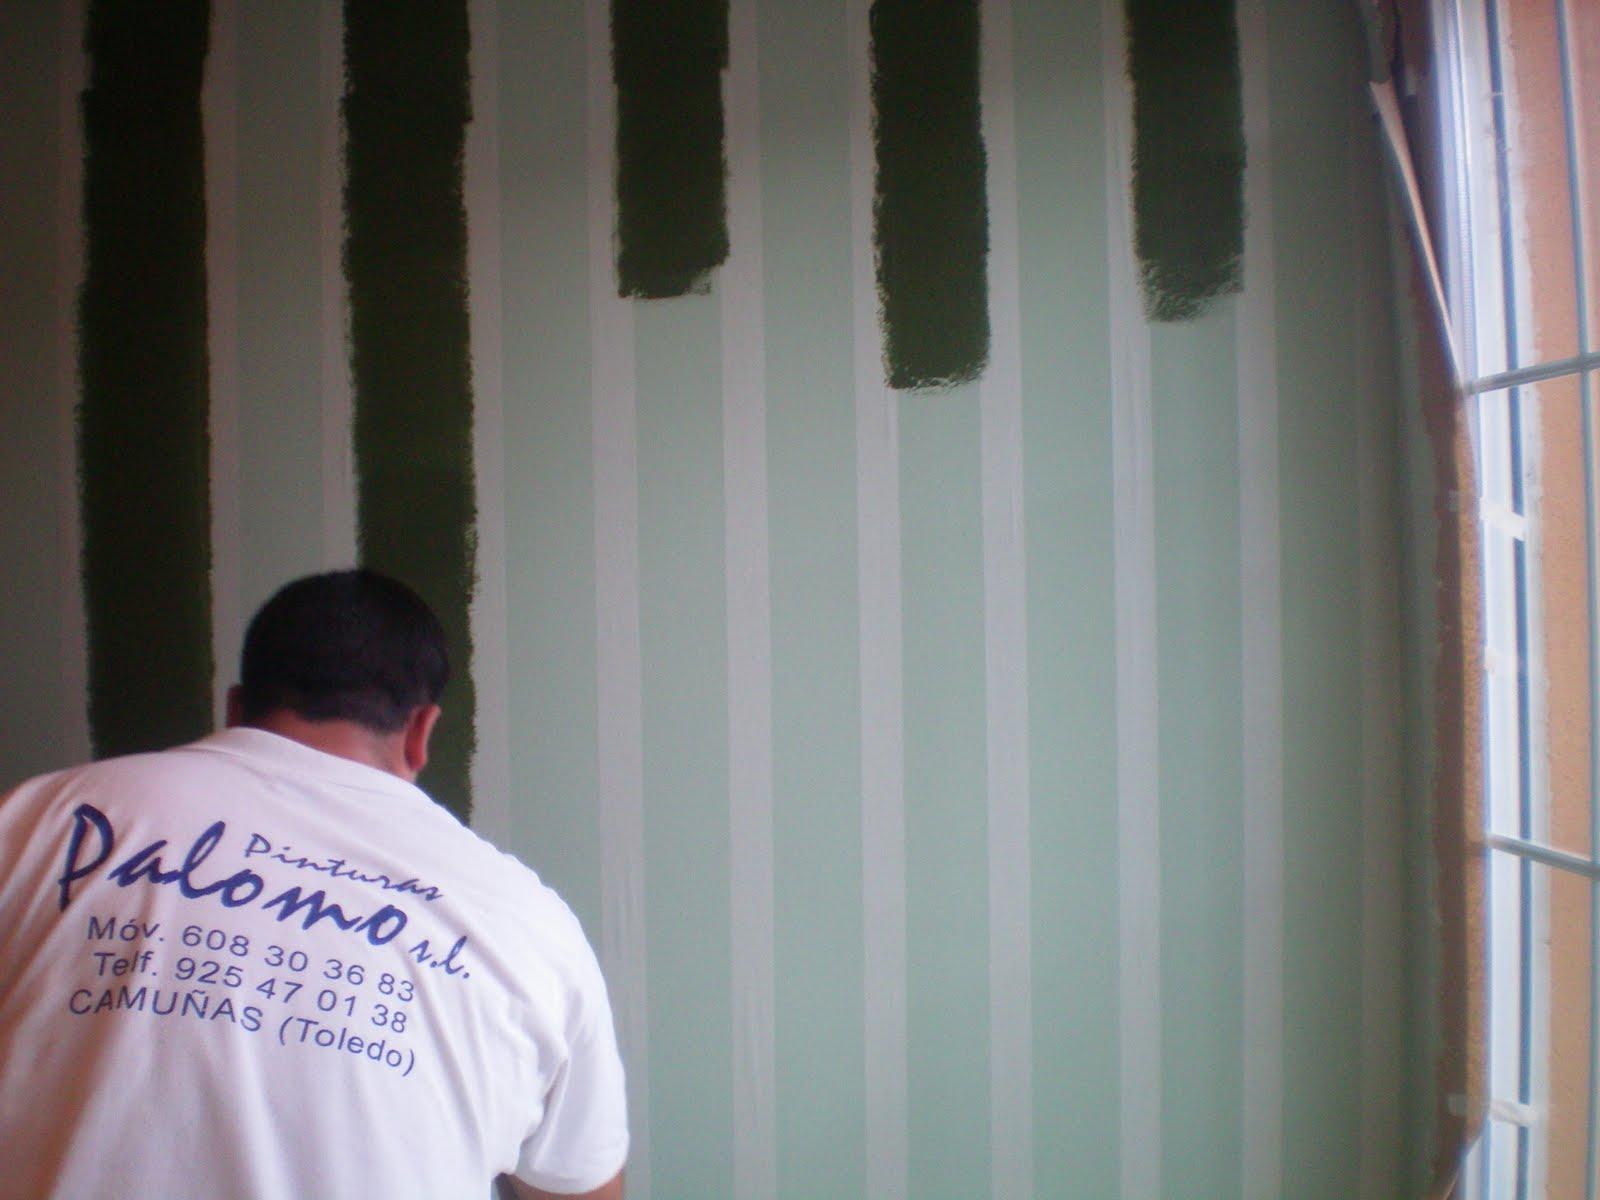 Grupo pinturas palomo paredes a rayas - Paredes pintadas con rayas ...